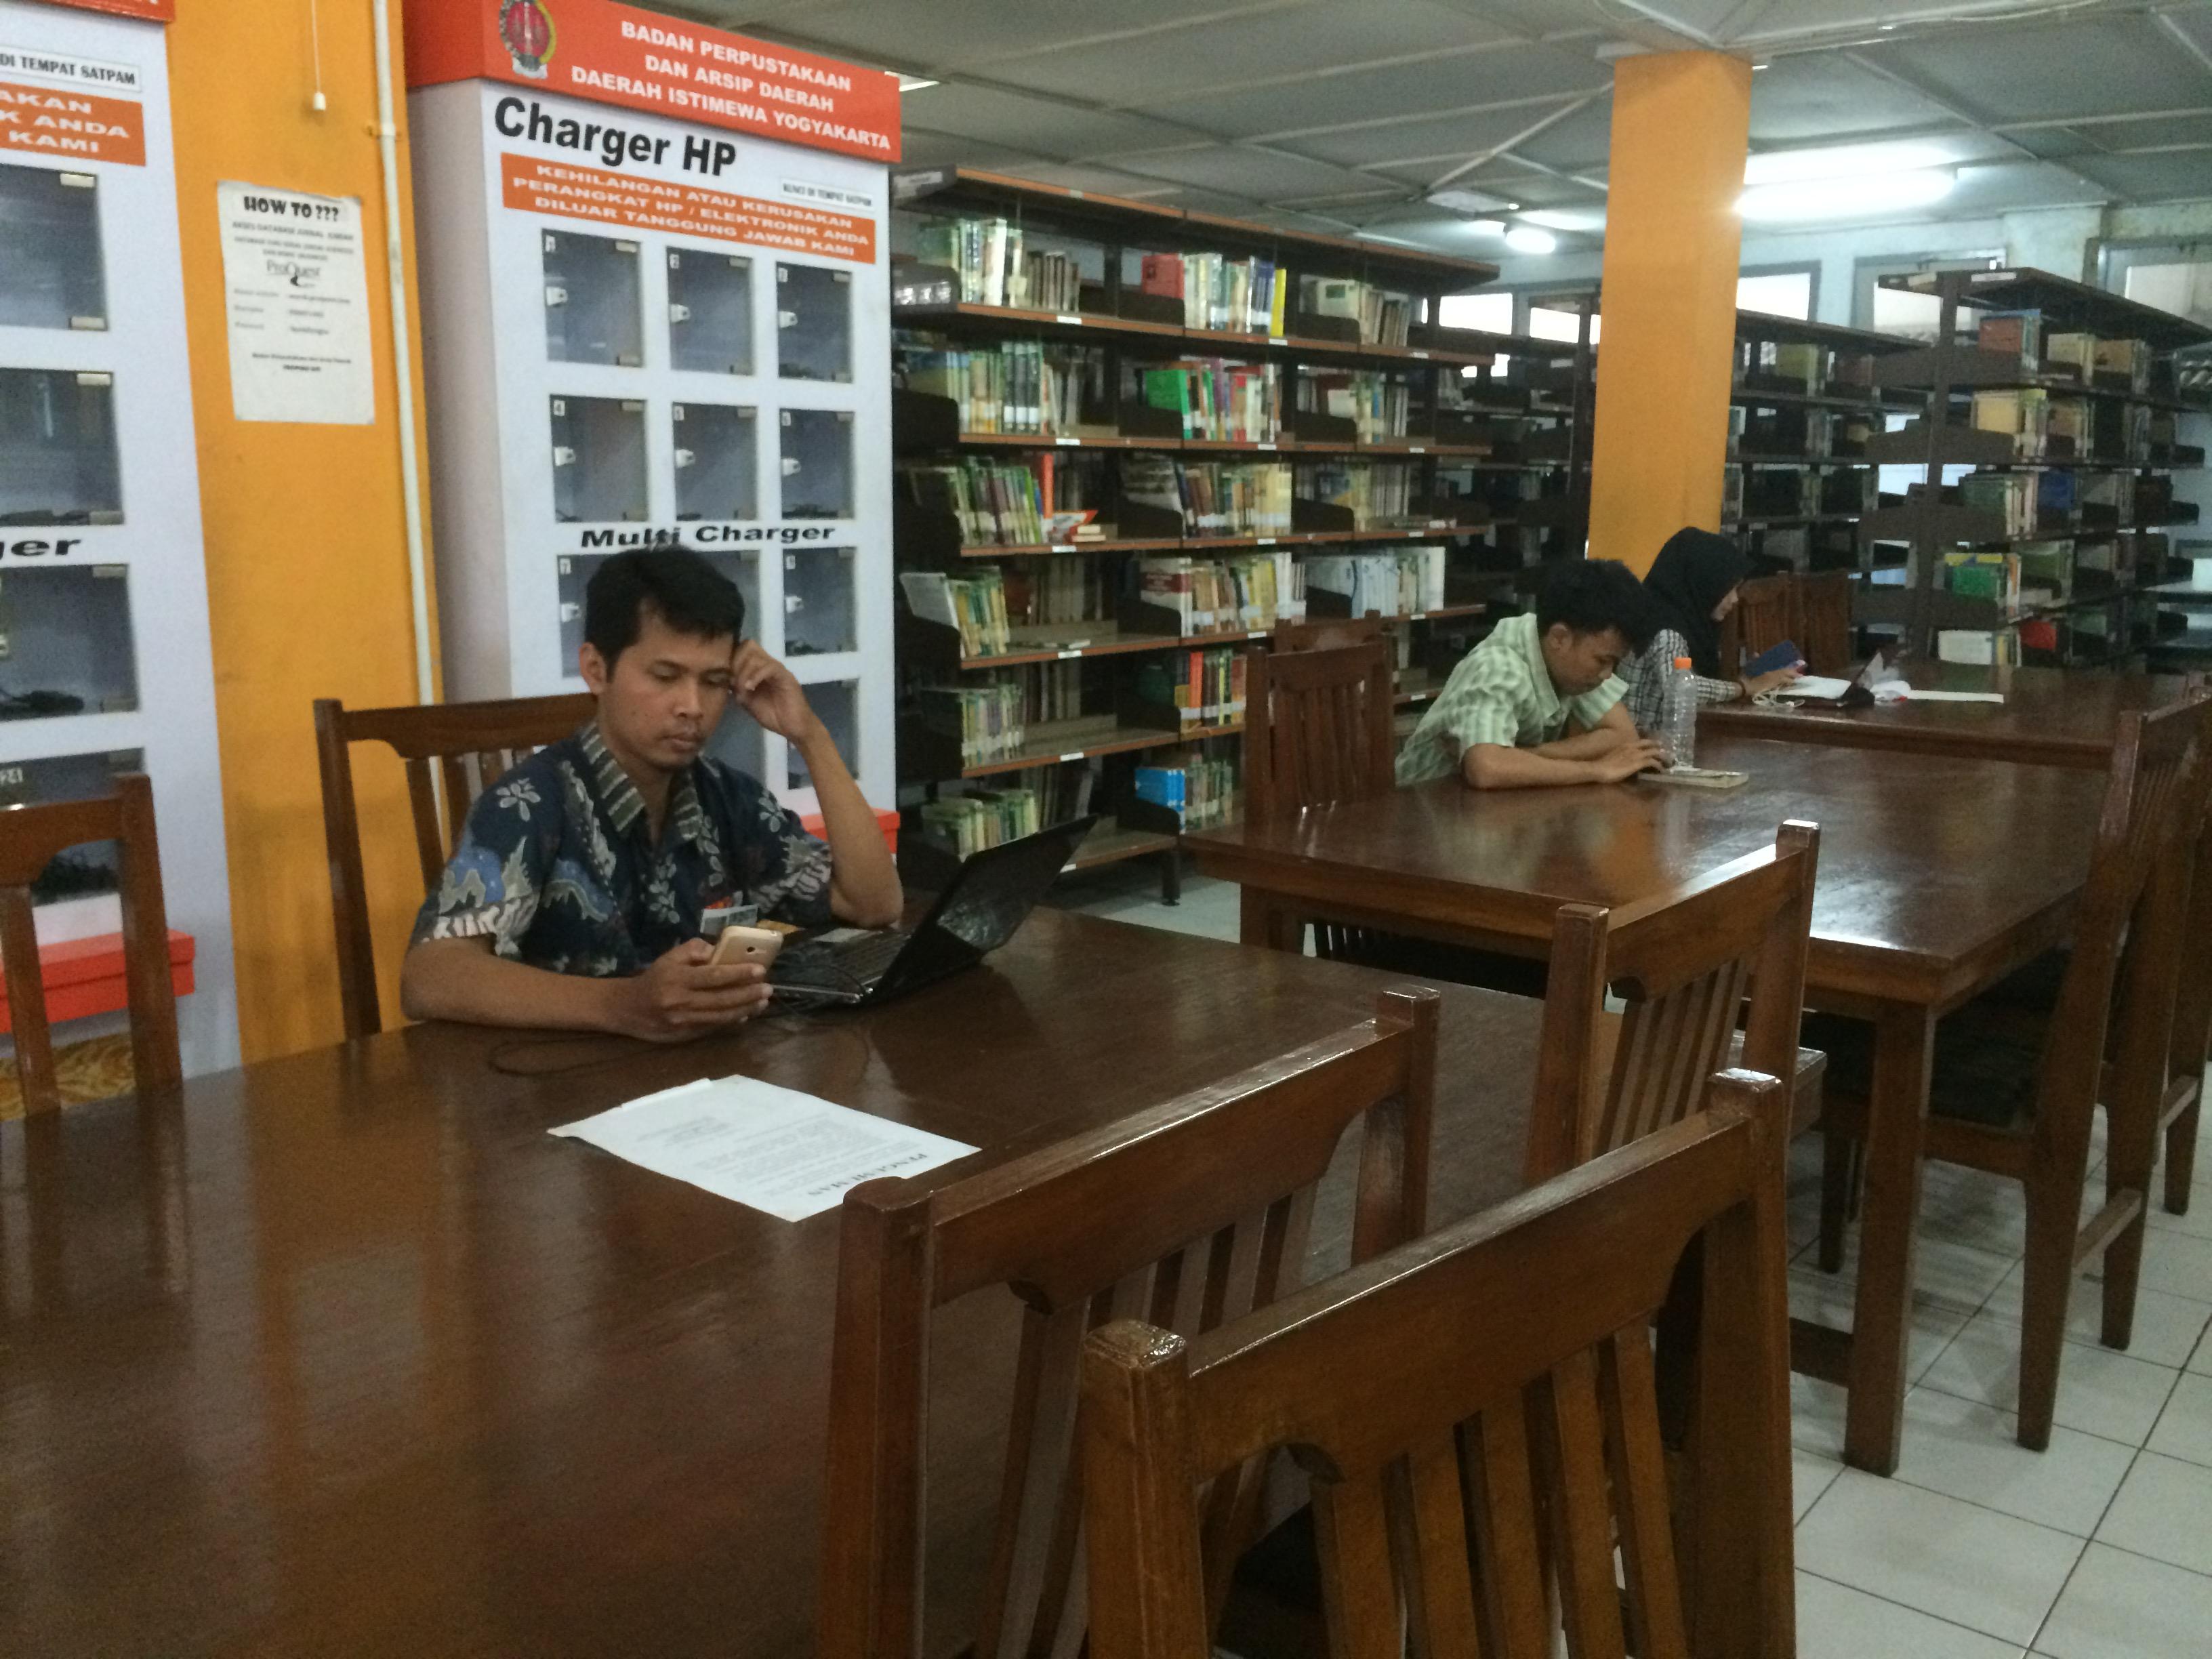 6 Tipe pengunjung perpustakaan, kamu termasuk yang mana?